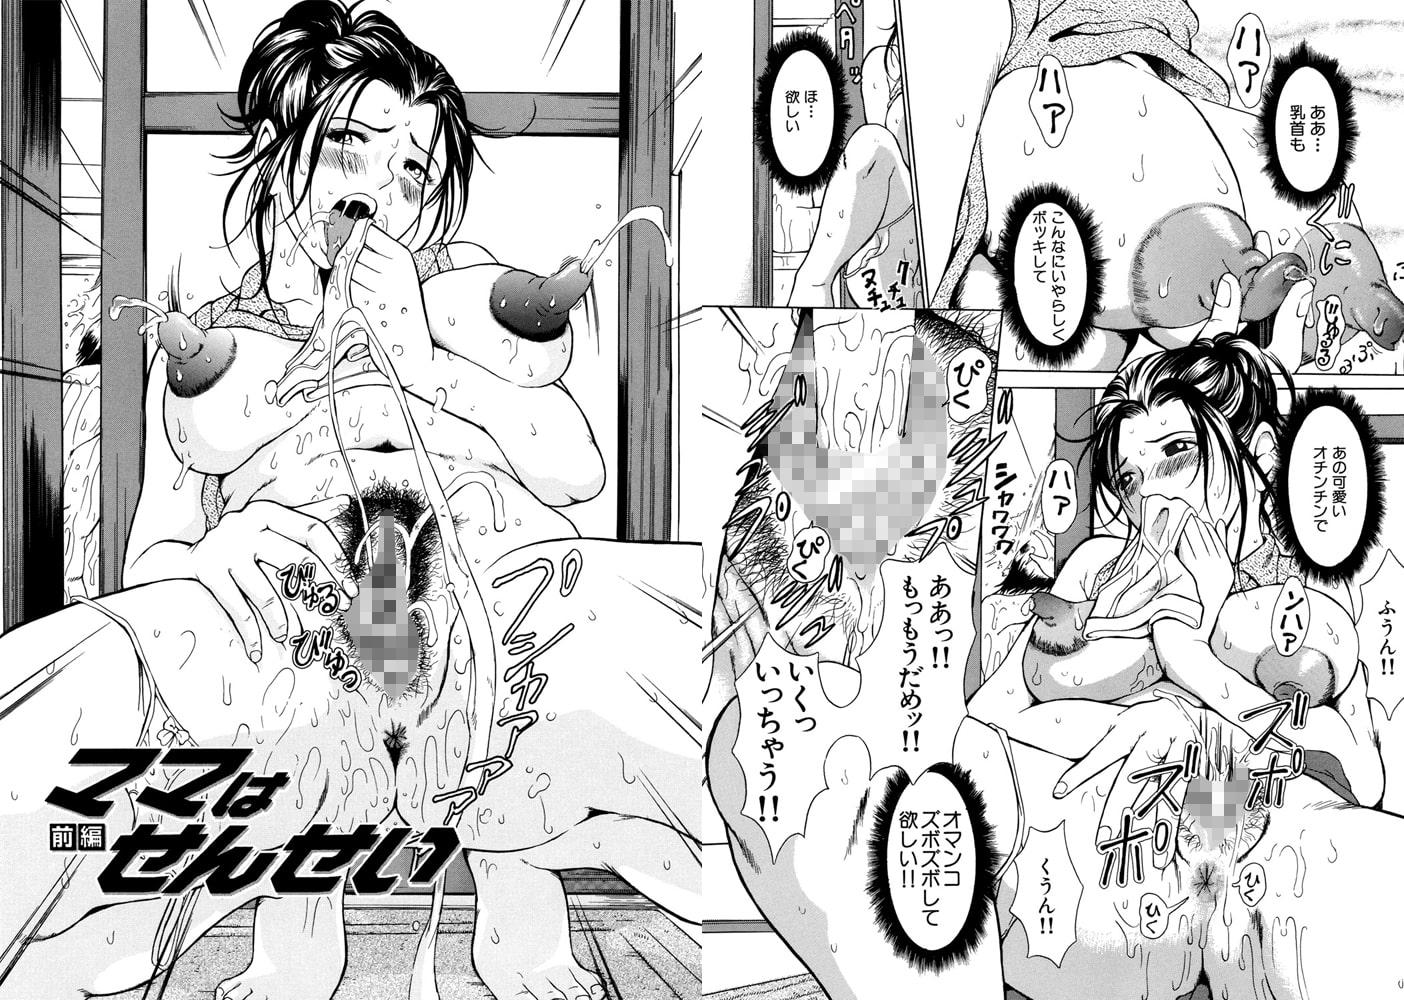 女教師(MUJIN COMICS 名作集 vol.5)(いのまる/マスタングR/じゃみんぐ/四島由紀夫)